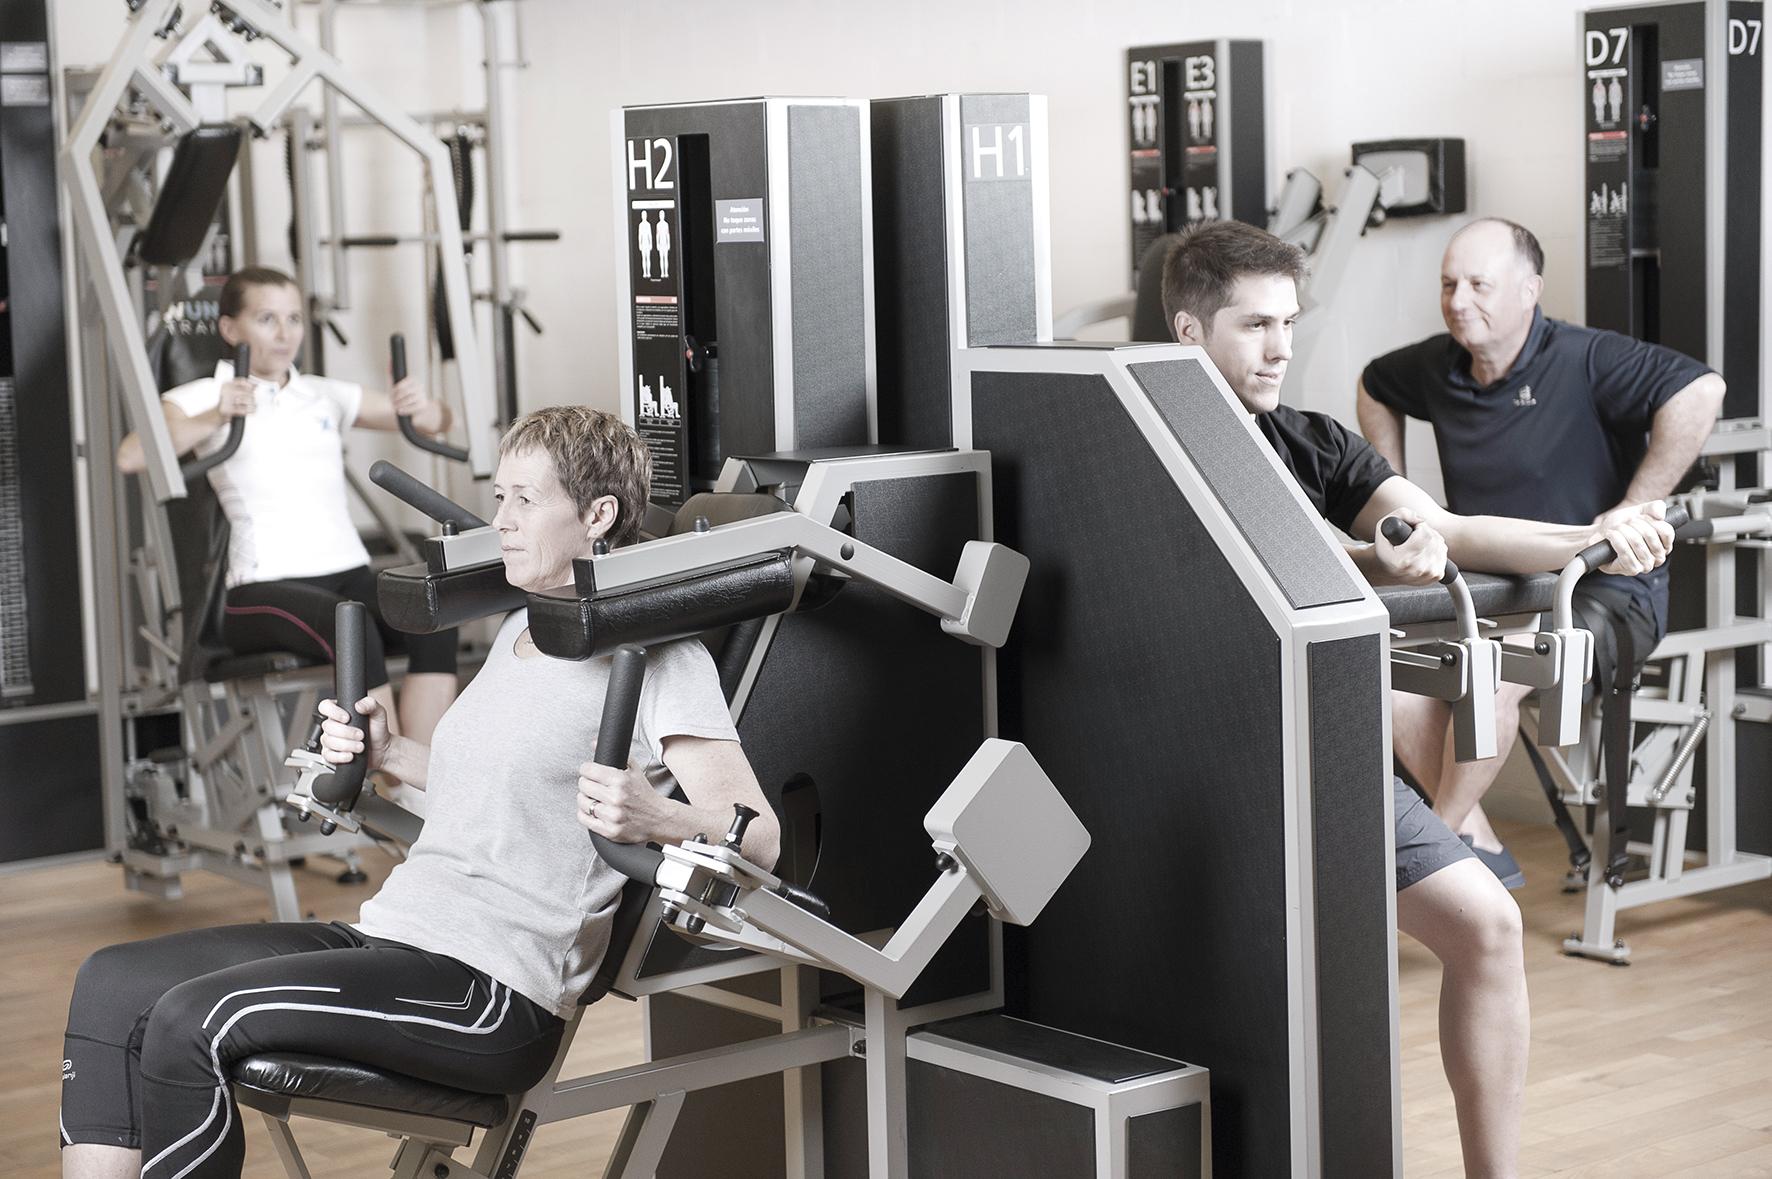 Máquinas de entrenamiento: las protagonistas de Wunder Training